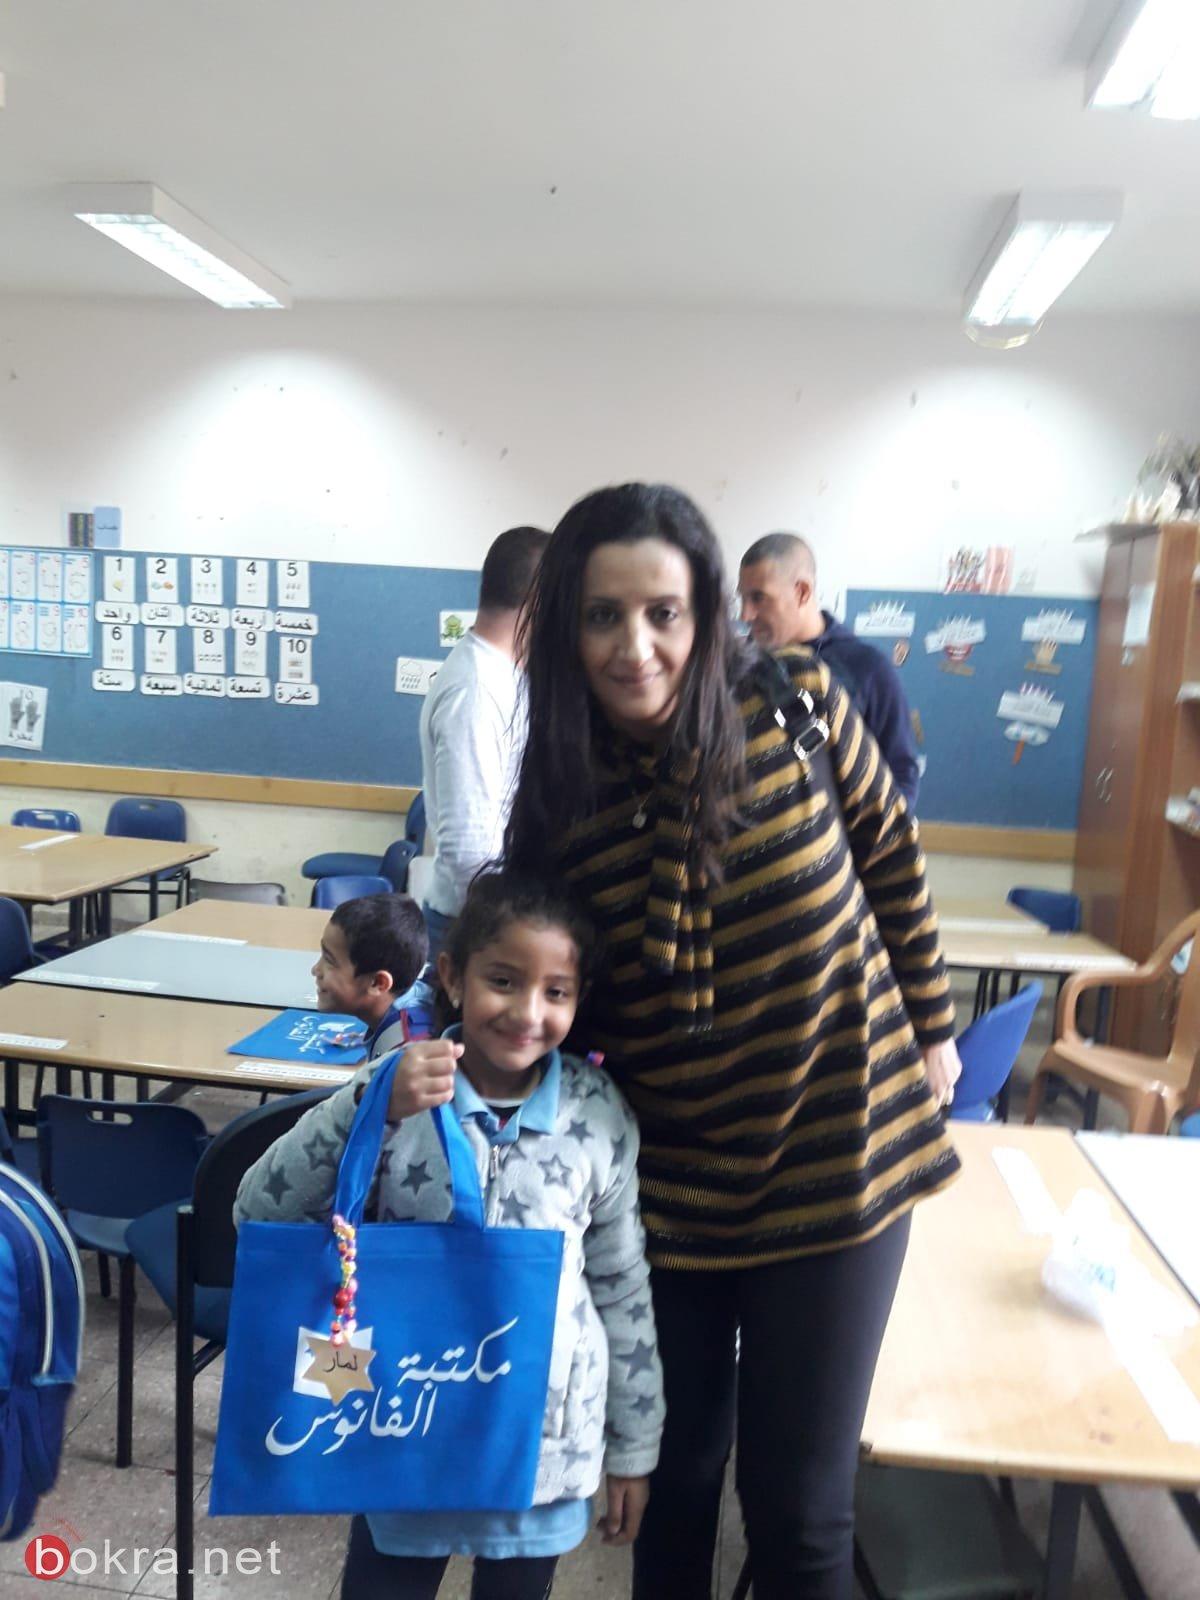 افتتاح مشروع مكتبة الفانوس في مدرسة البصلية شفاعمرو